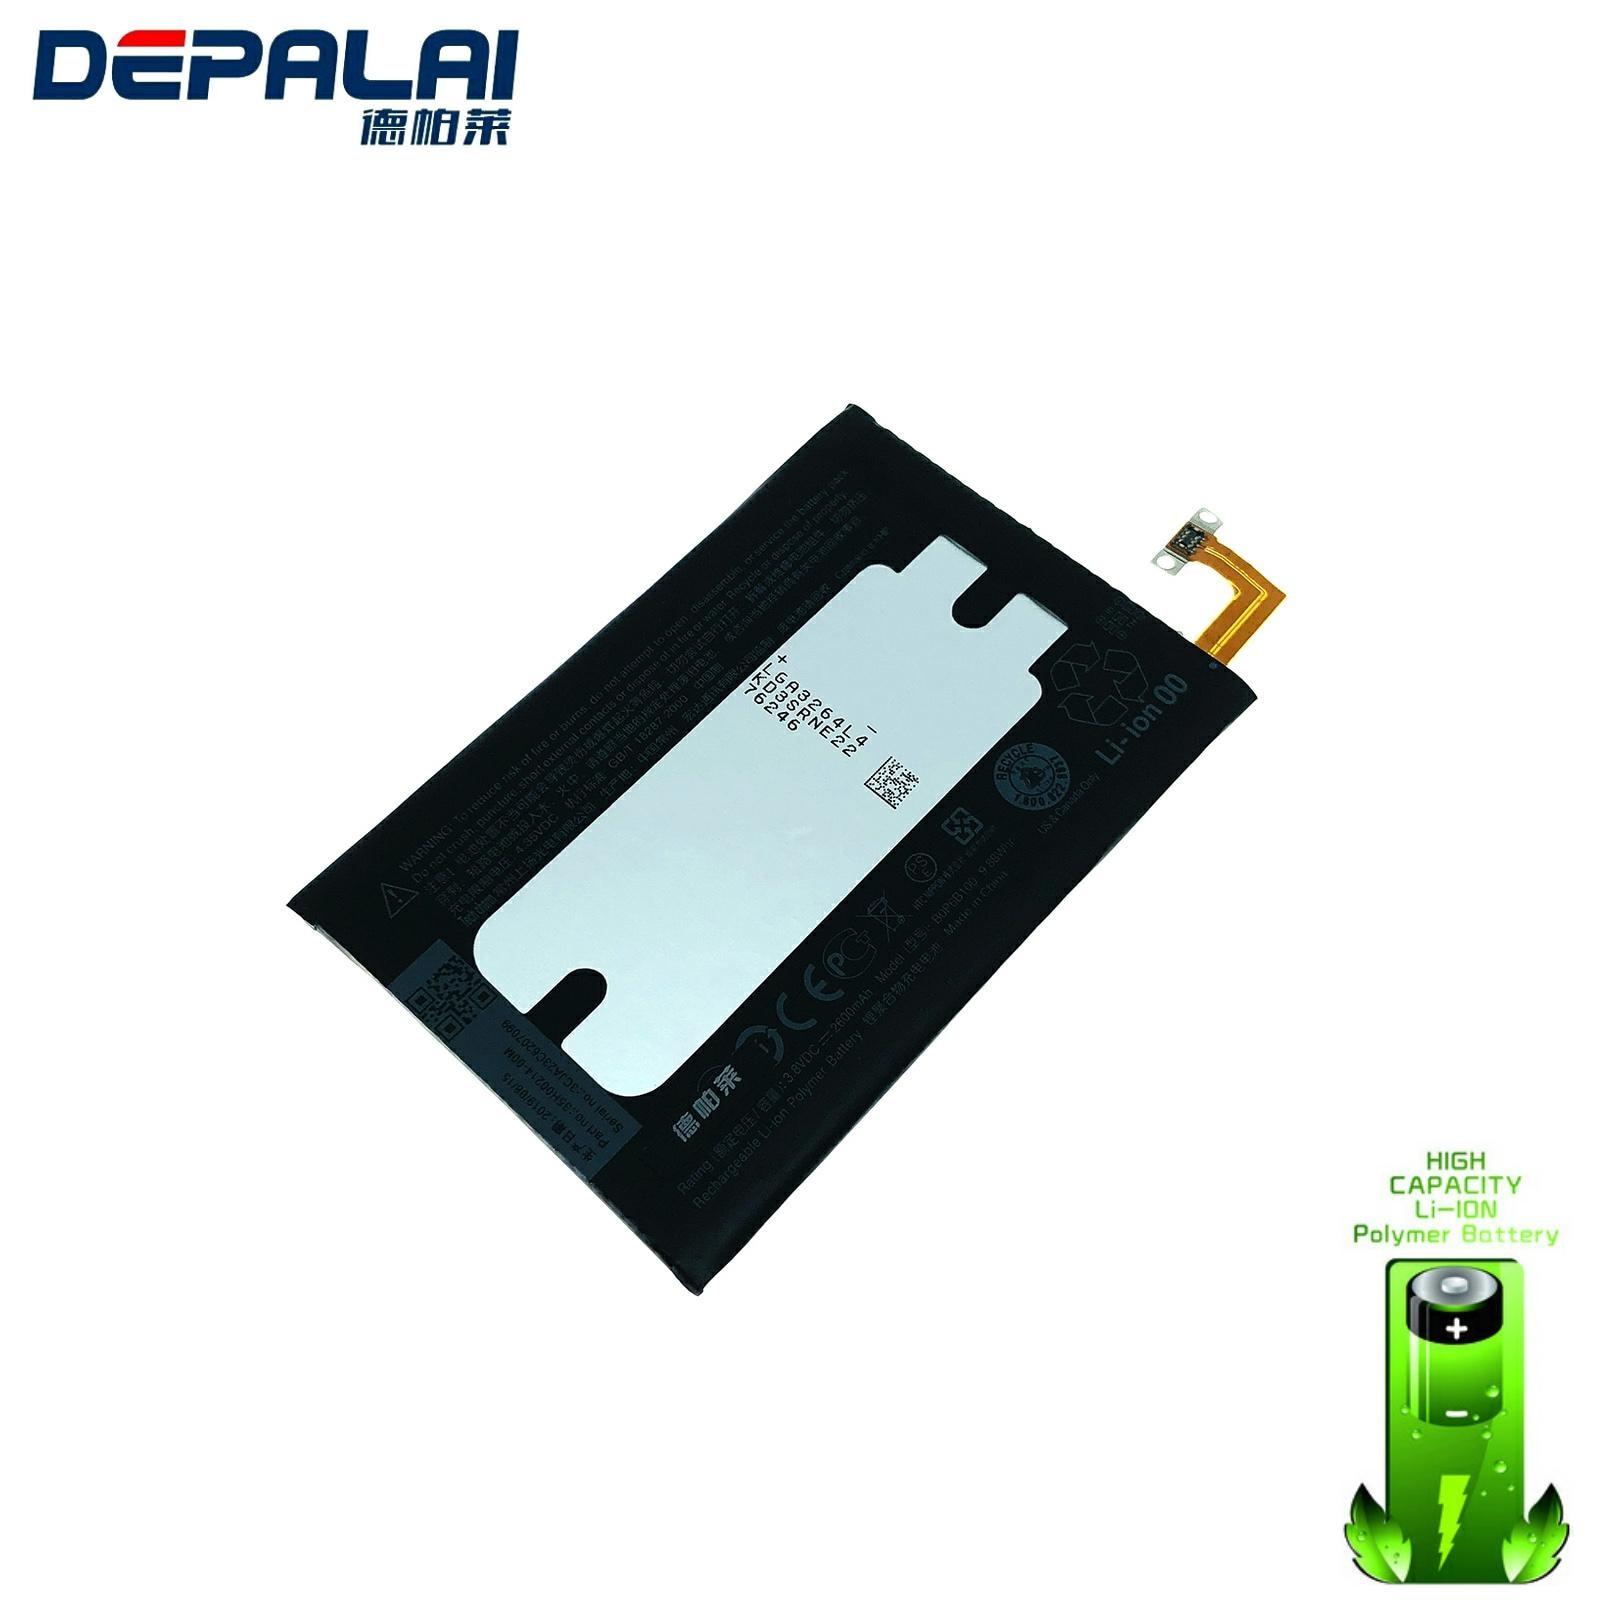 Hight Kapazität 2600mAh BOP6B100 Batterie B0P6B100 Für HTC EINS 2 M8 Batterie E8 M8x M8 X One2 W8 M8SD m8T M8W M8D M8SW M8ST